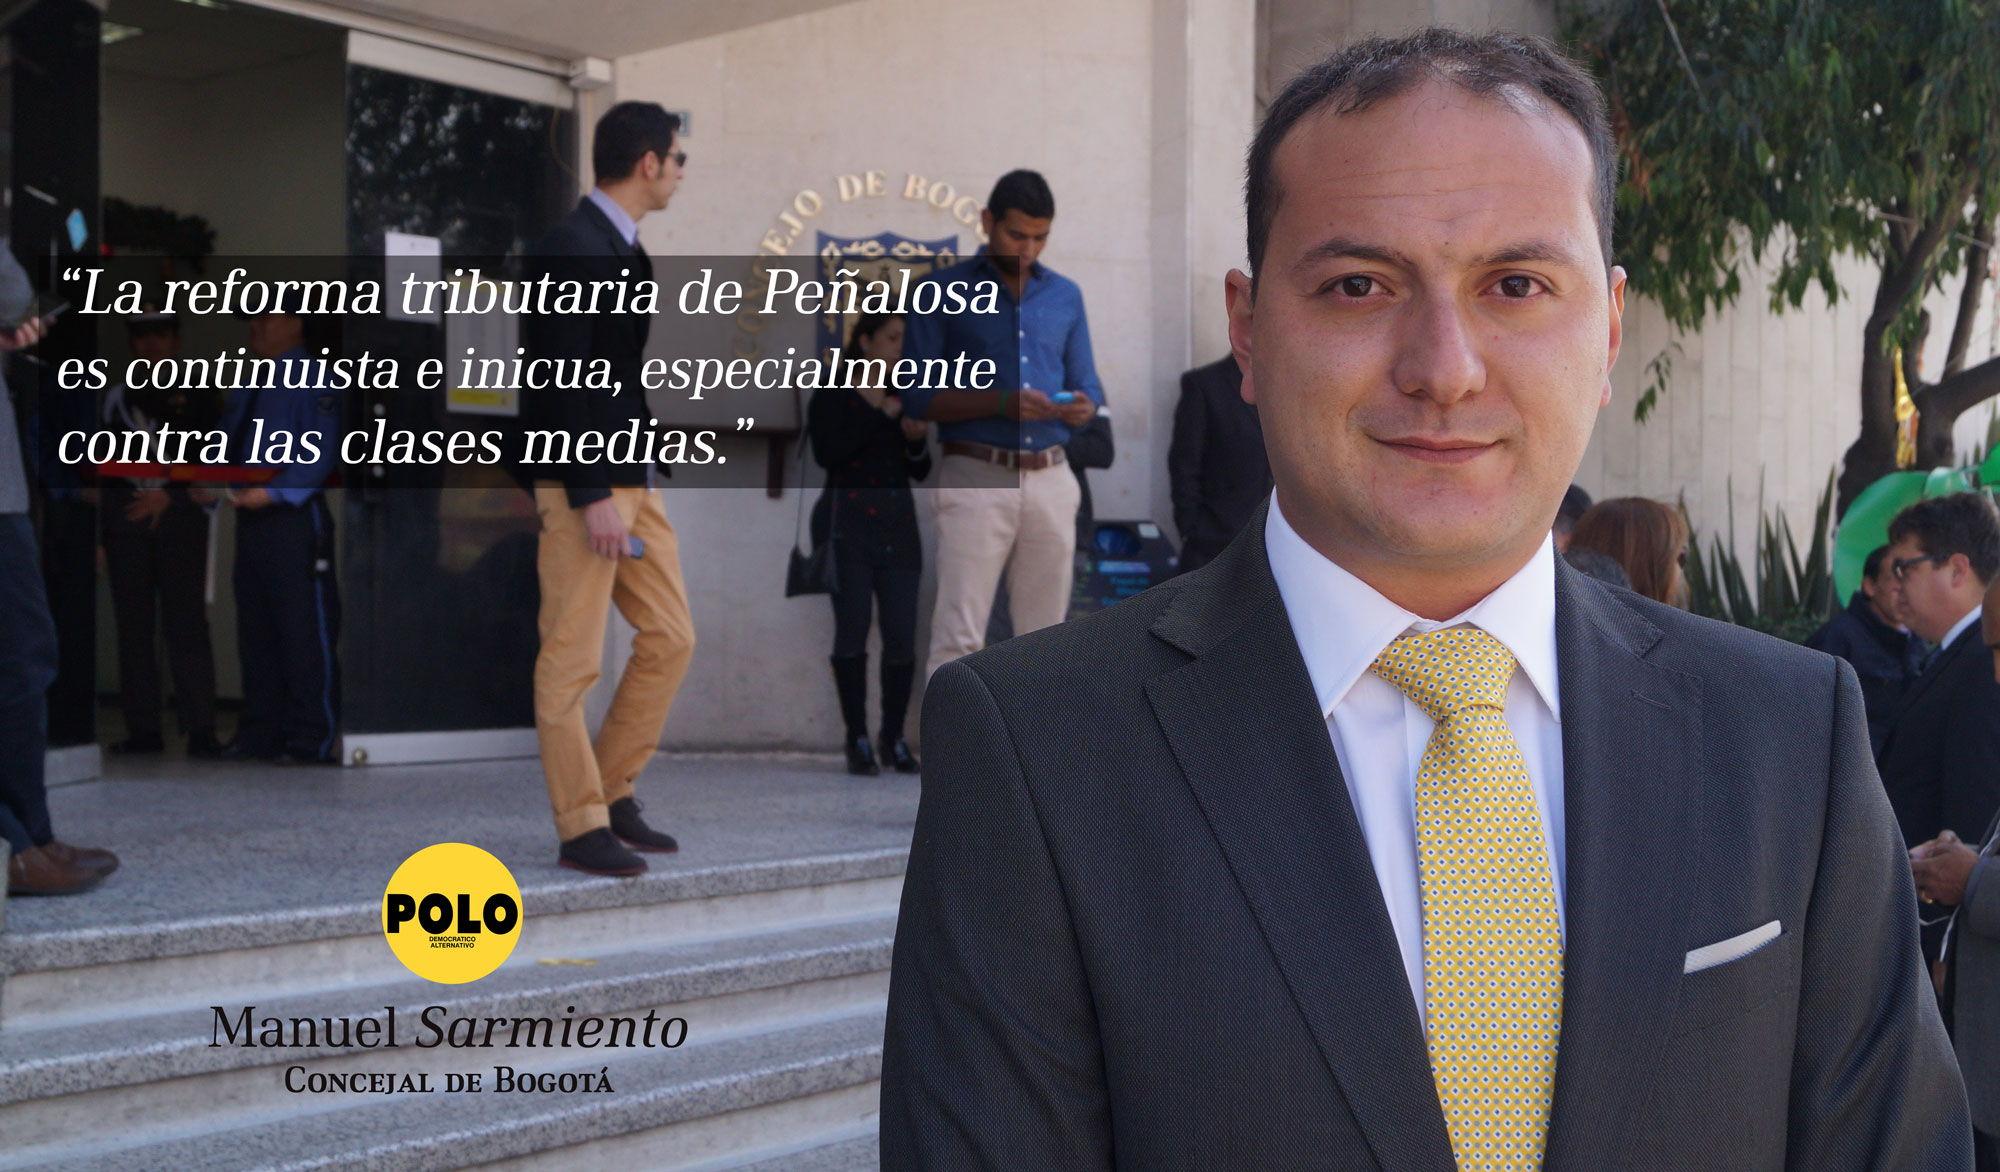 La reforma tributaria de Peñalosa es continuista e inicua, especialmente contra las clases medias: concejal Manuel Sarmiento